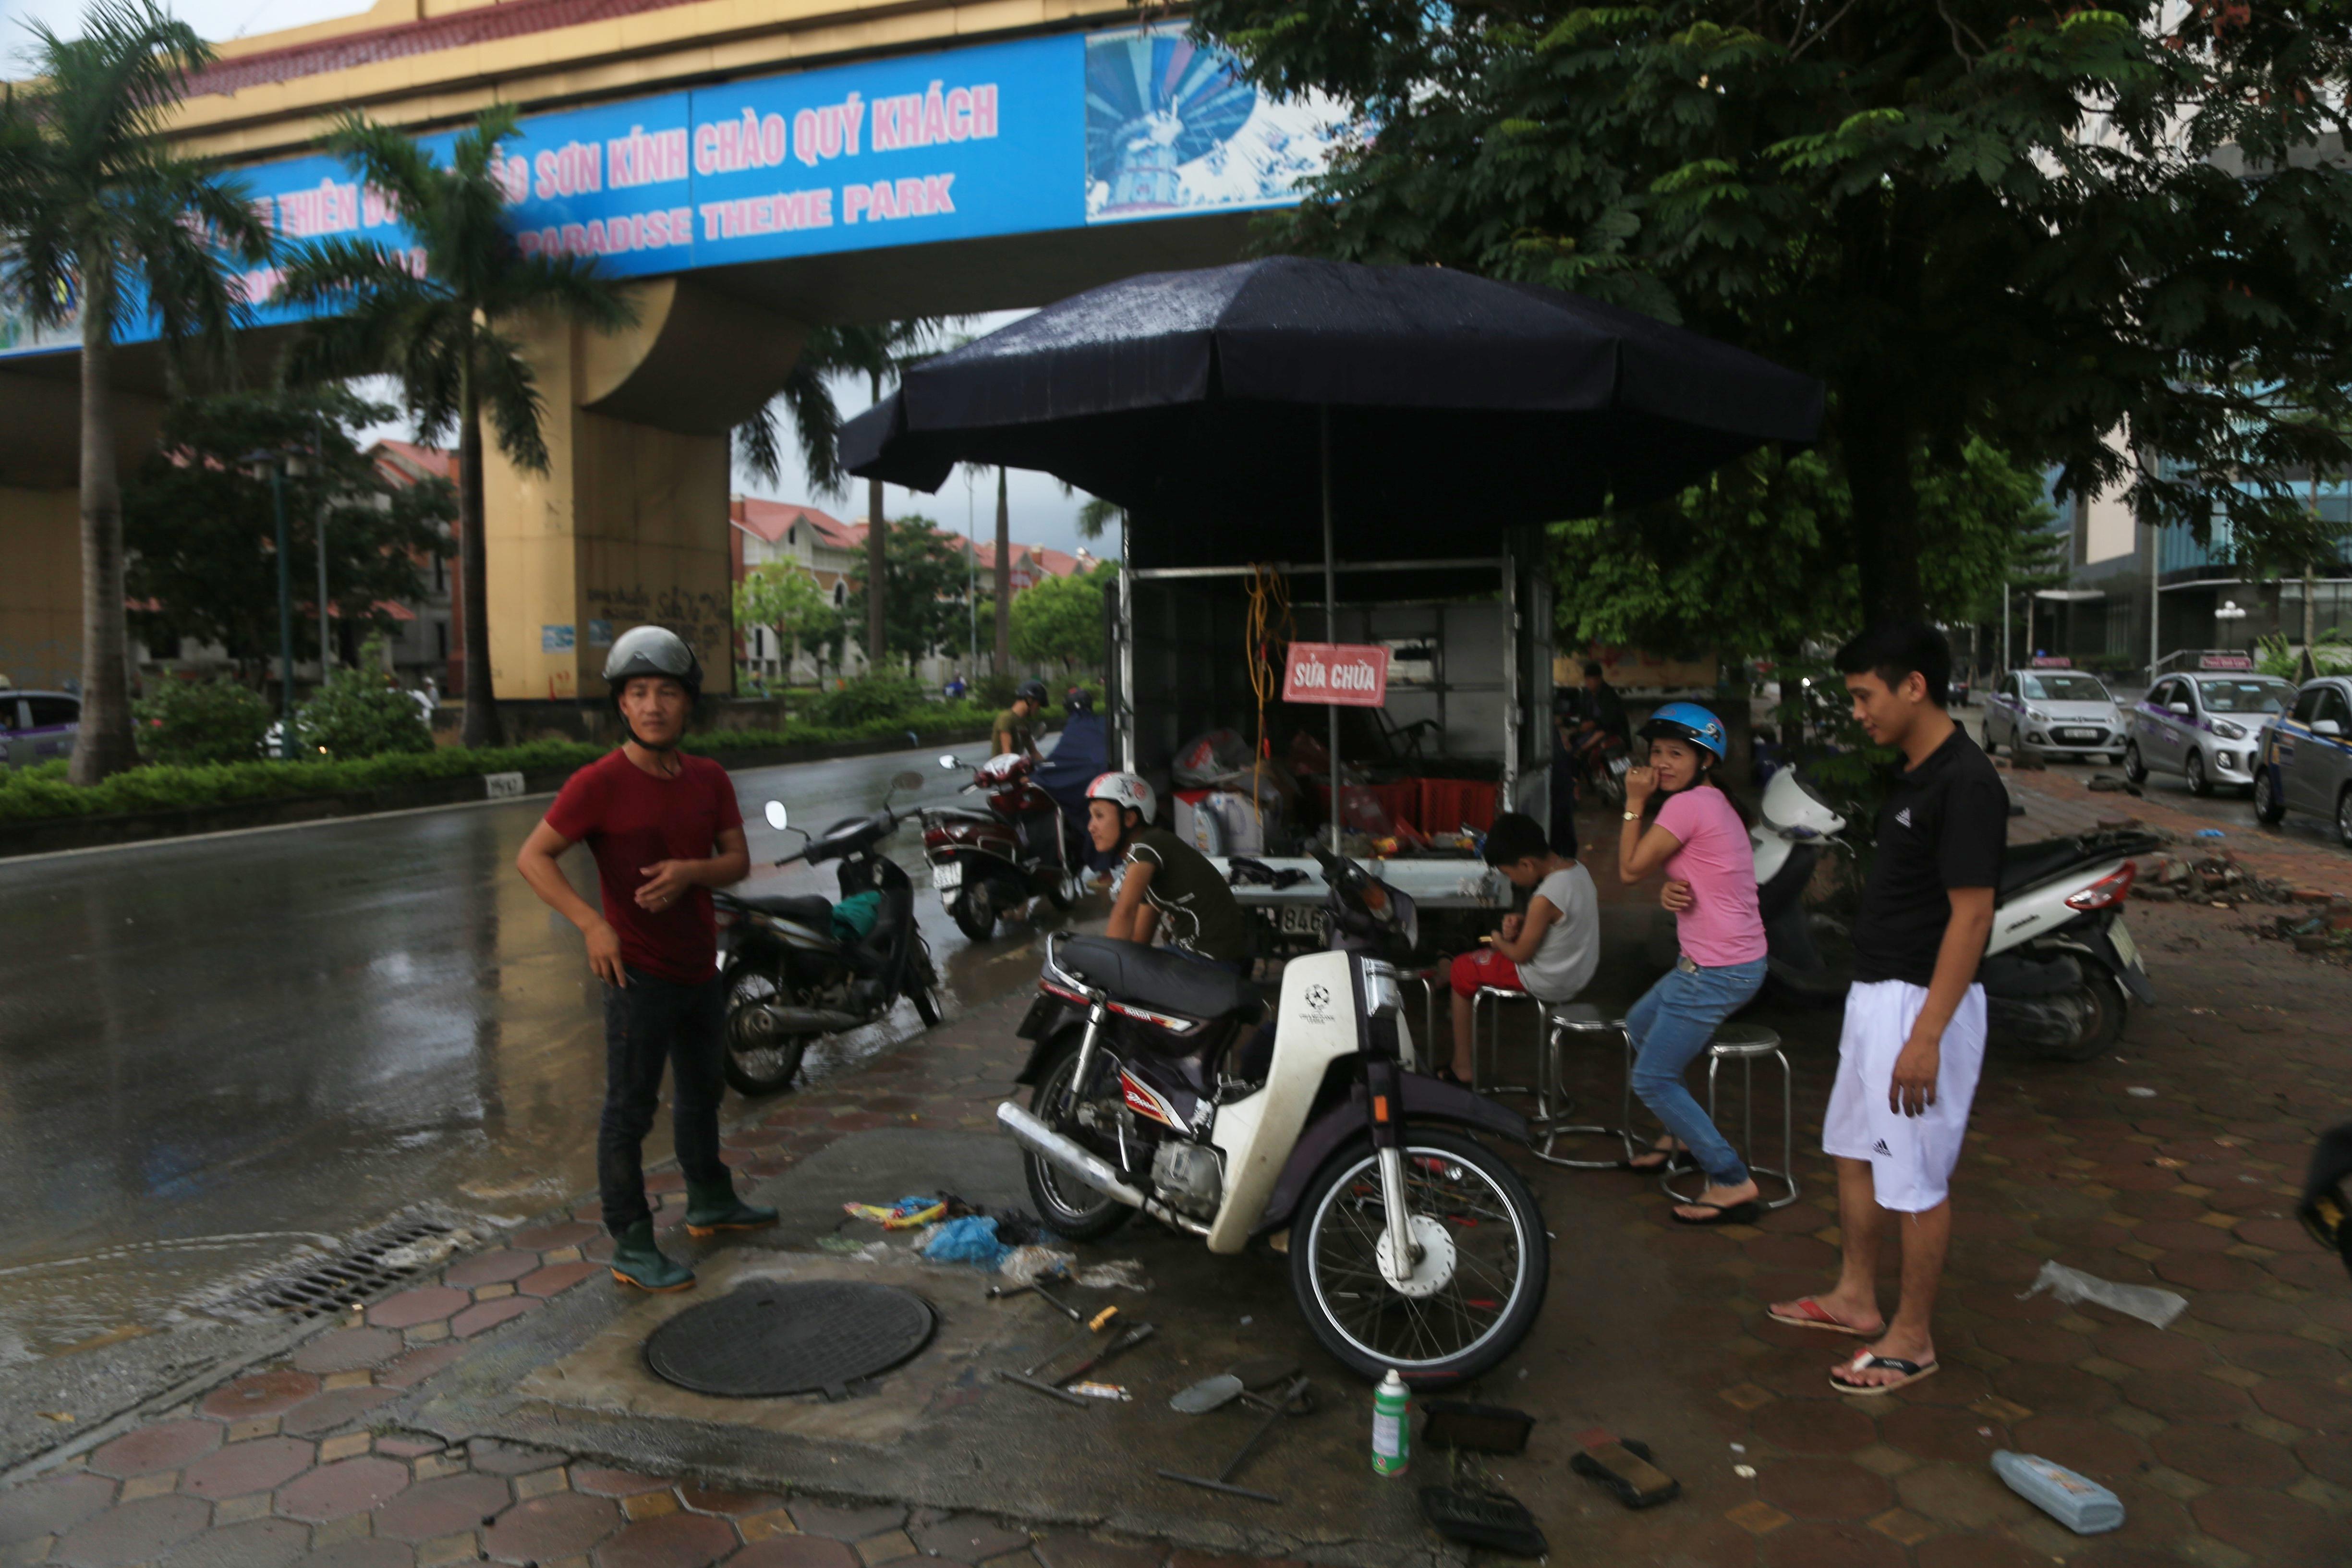 Chùm ảnh: Ngày Hà Nội ngập nặng sau mưa lớn, nghề giải cứu người và xe lại lên ngôi - Ảnh 3.